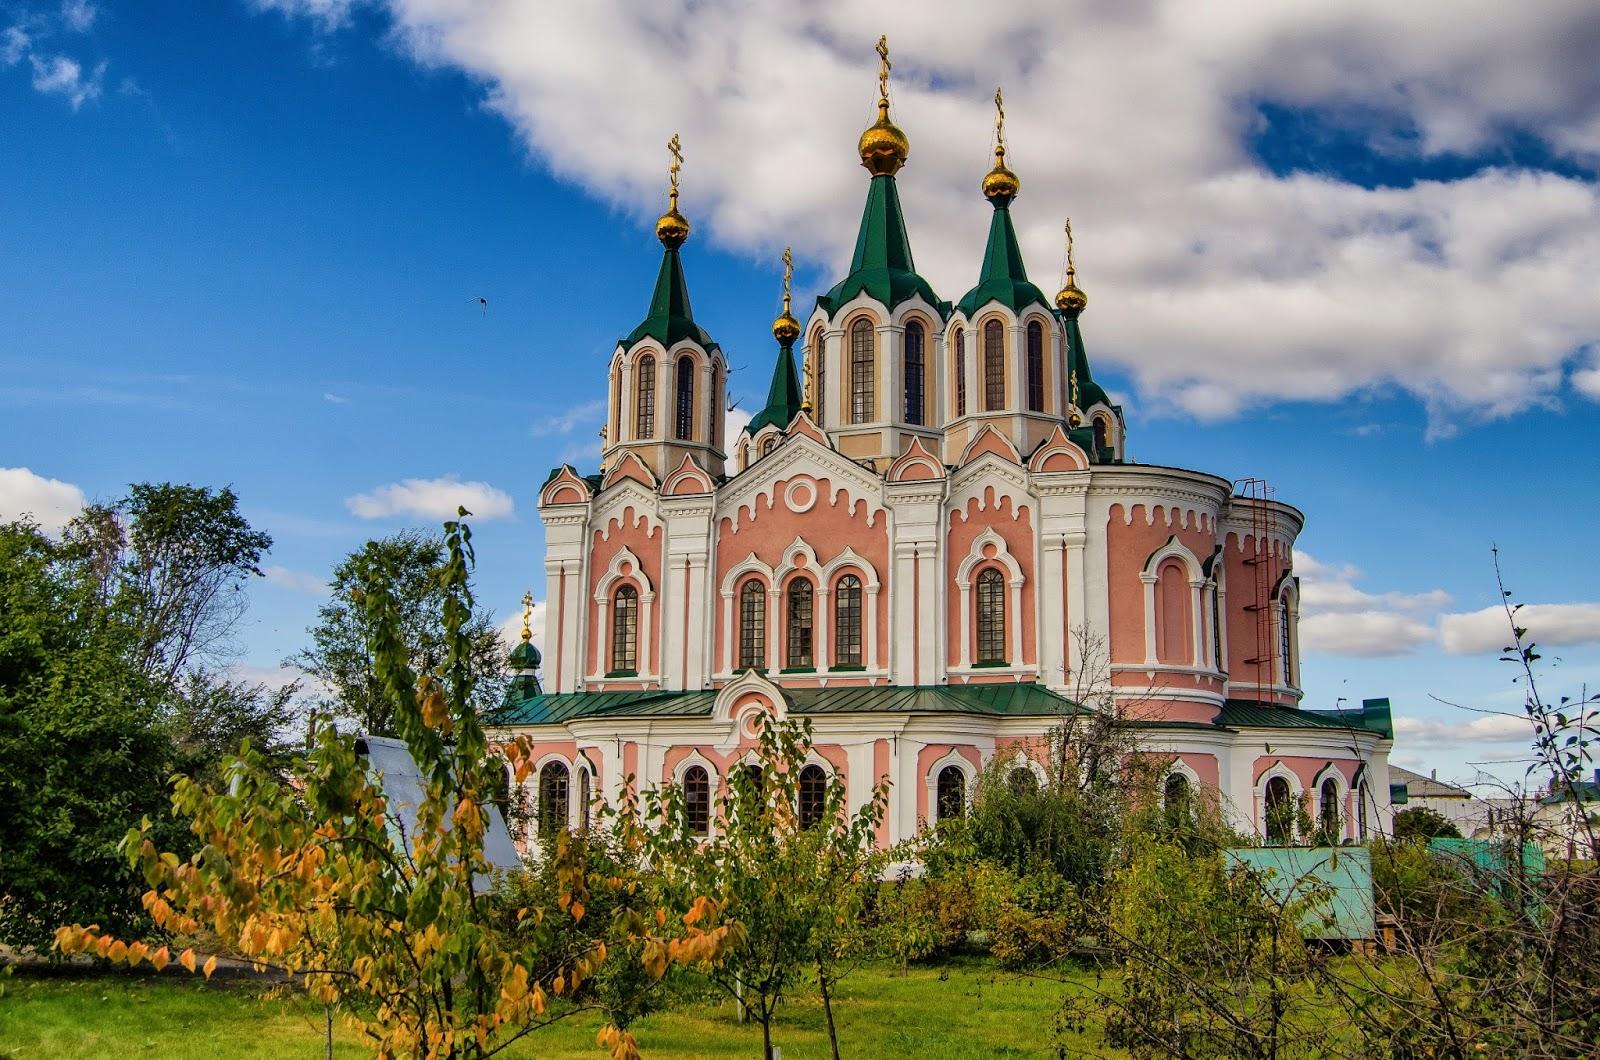 далматовский монастырь картинки это